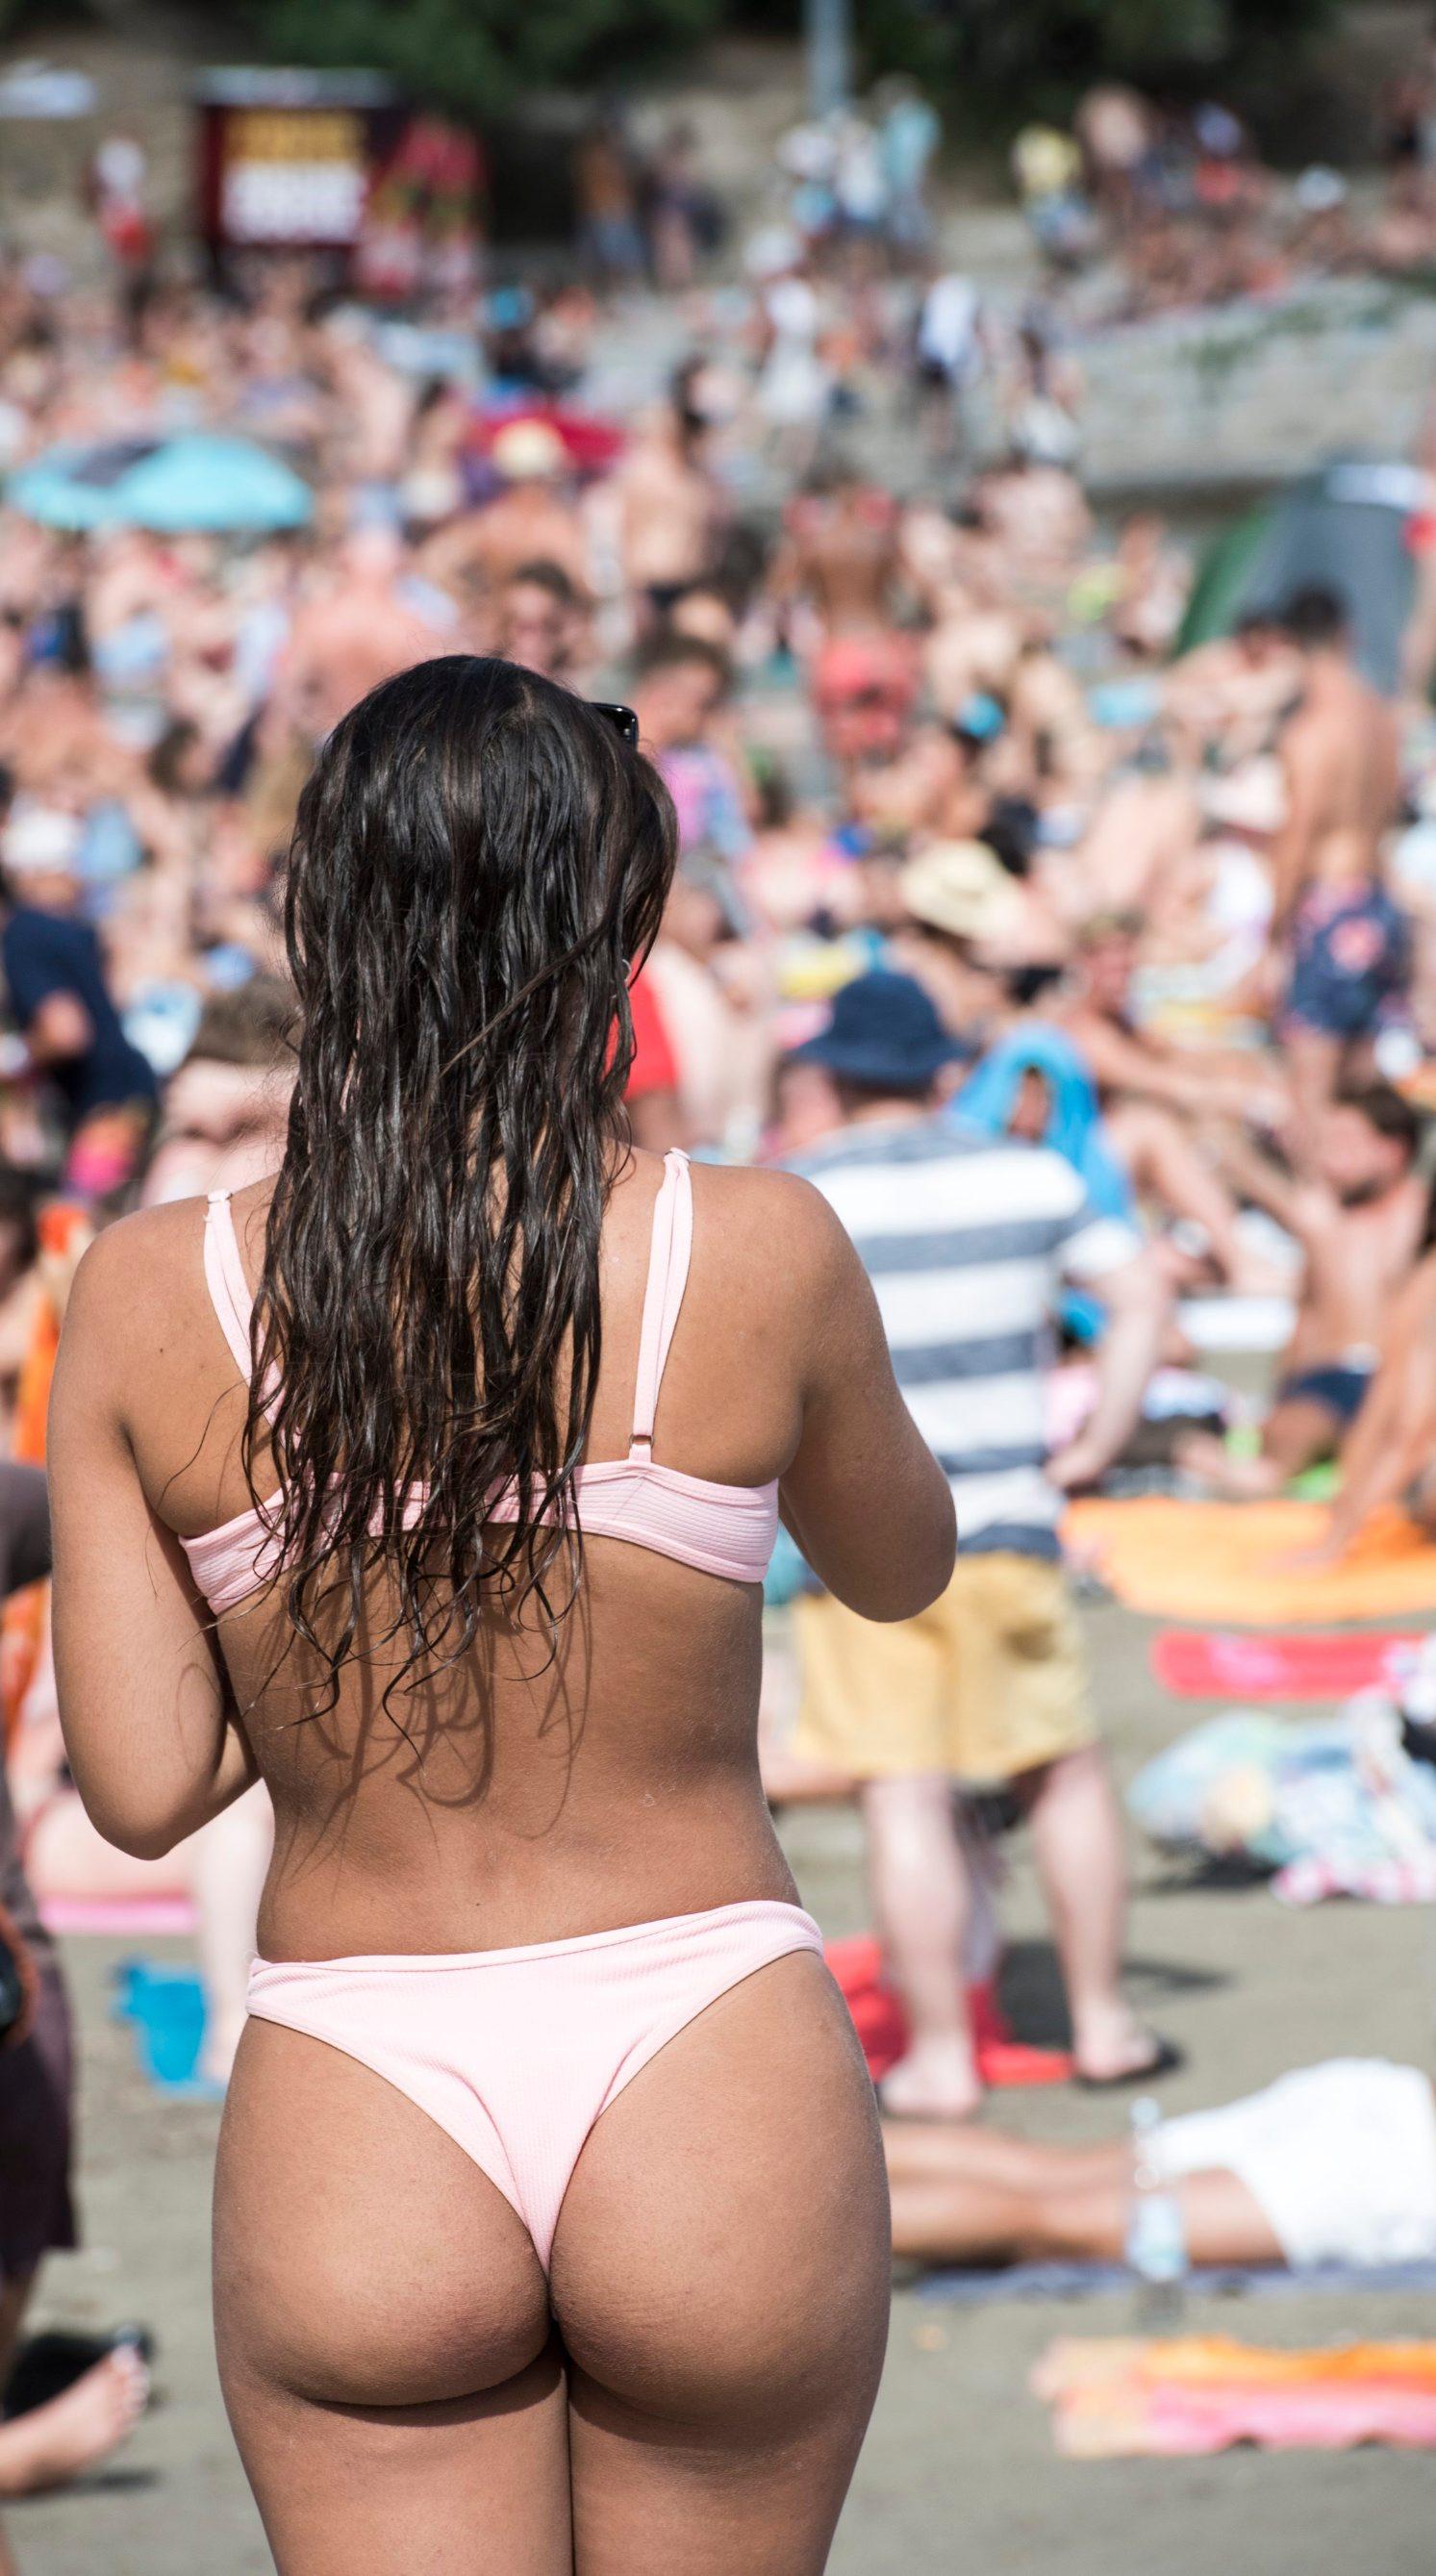 Splitu ultri u sex na Festival Ultra